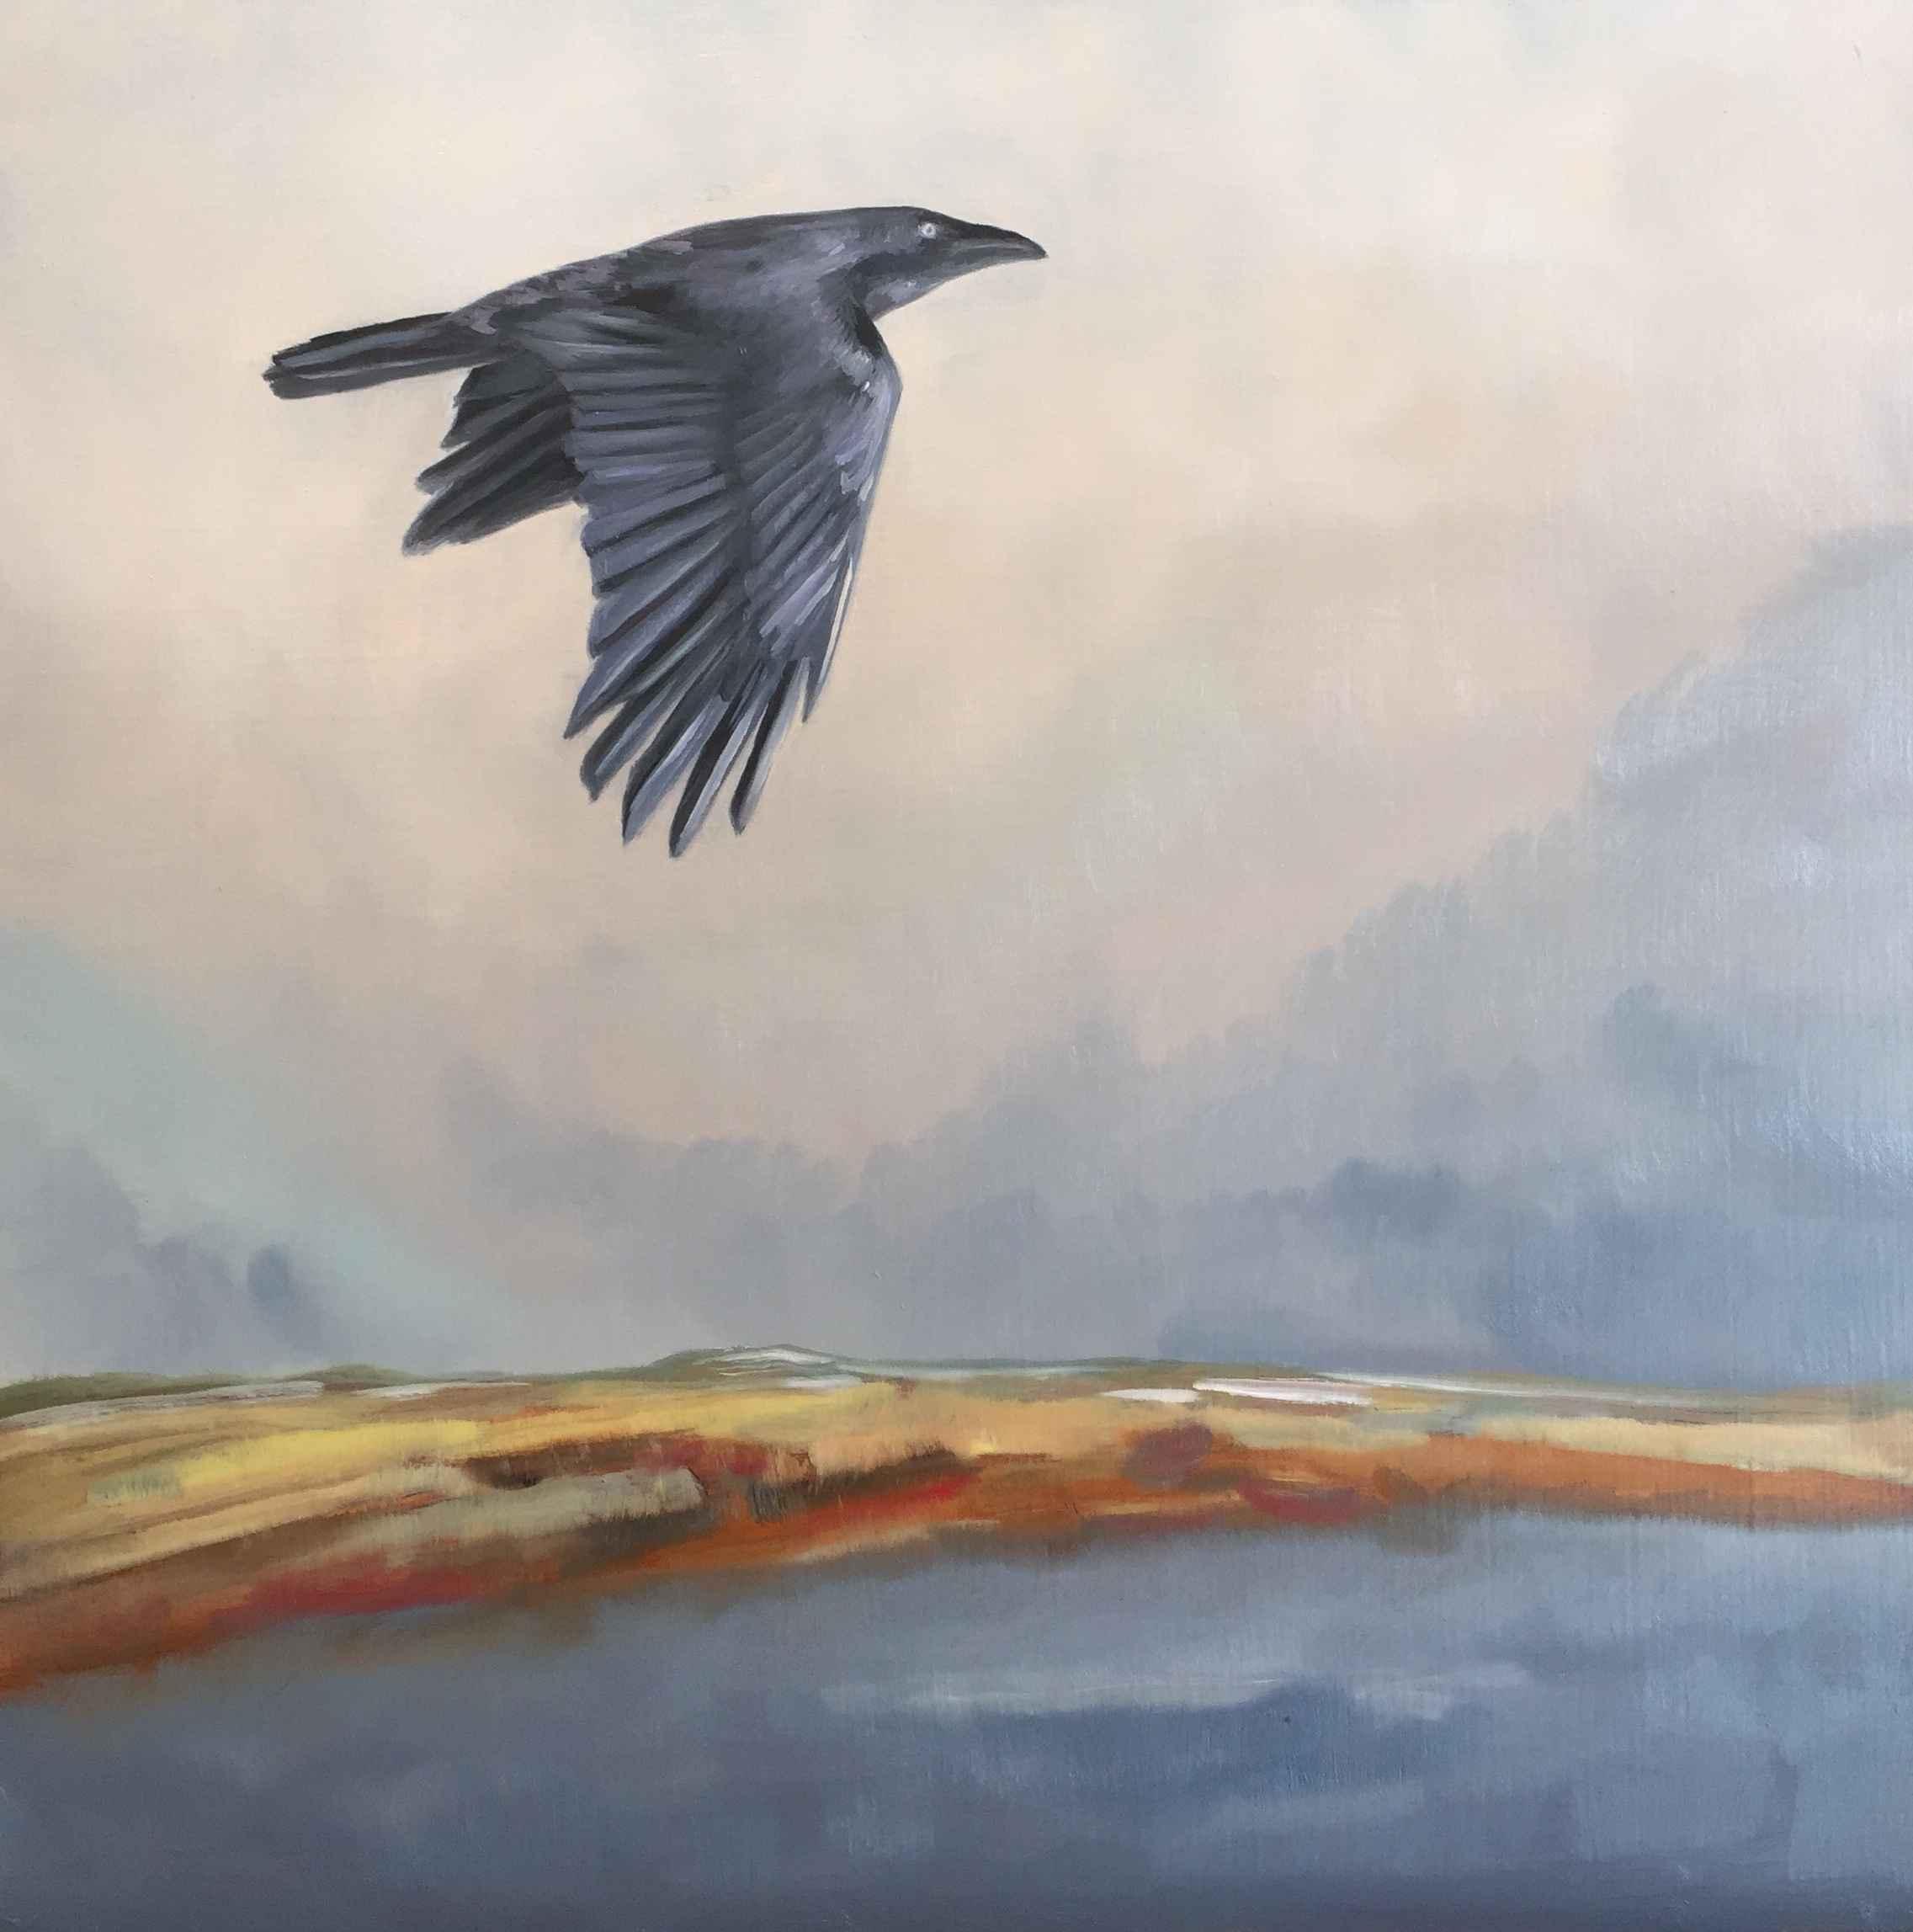 Lost in Flight by  Steve Bowersock - Masterpiece Online